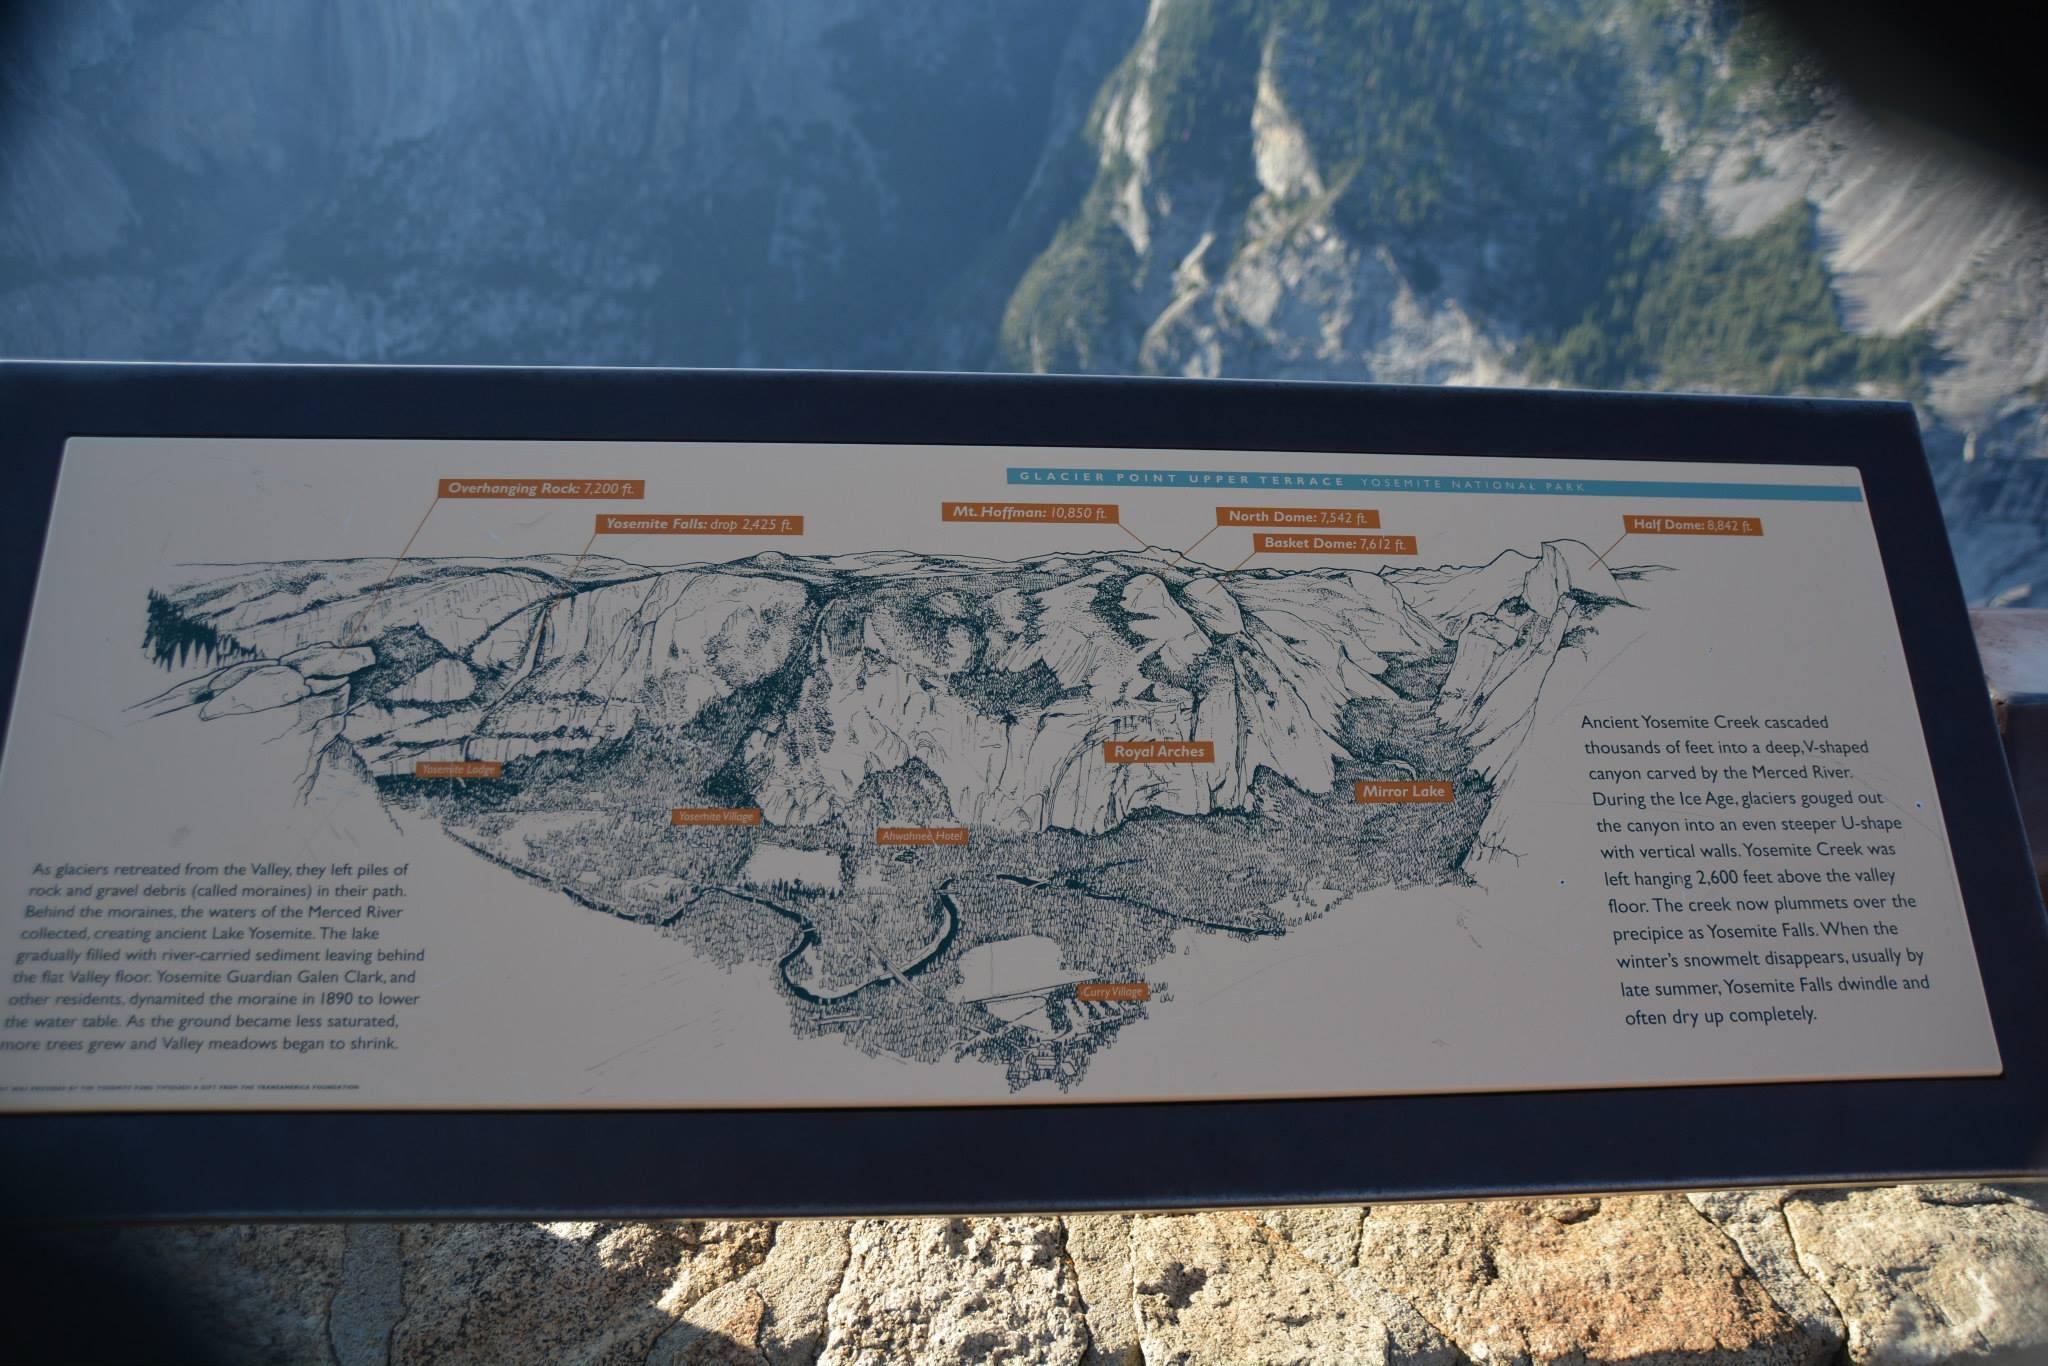 מה רואים מהתצפית-מפת האזור של Glacier Point